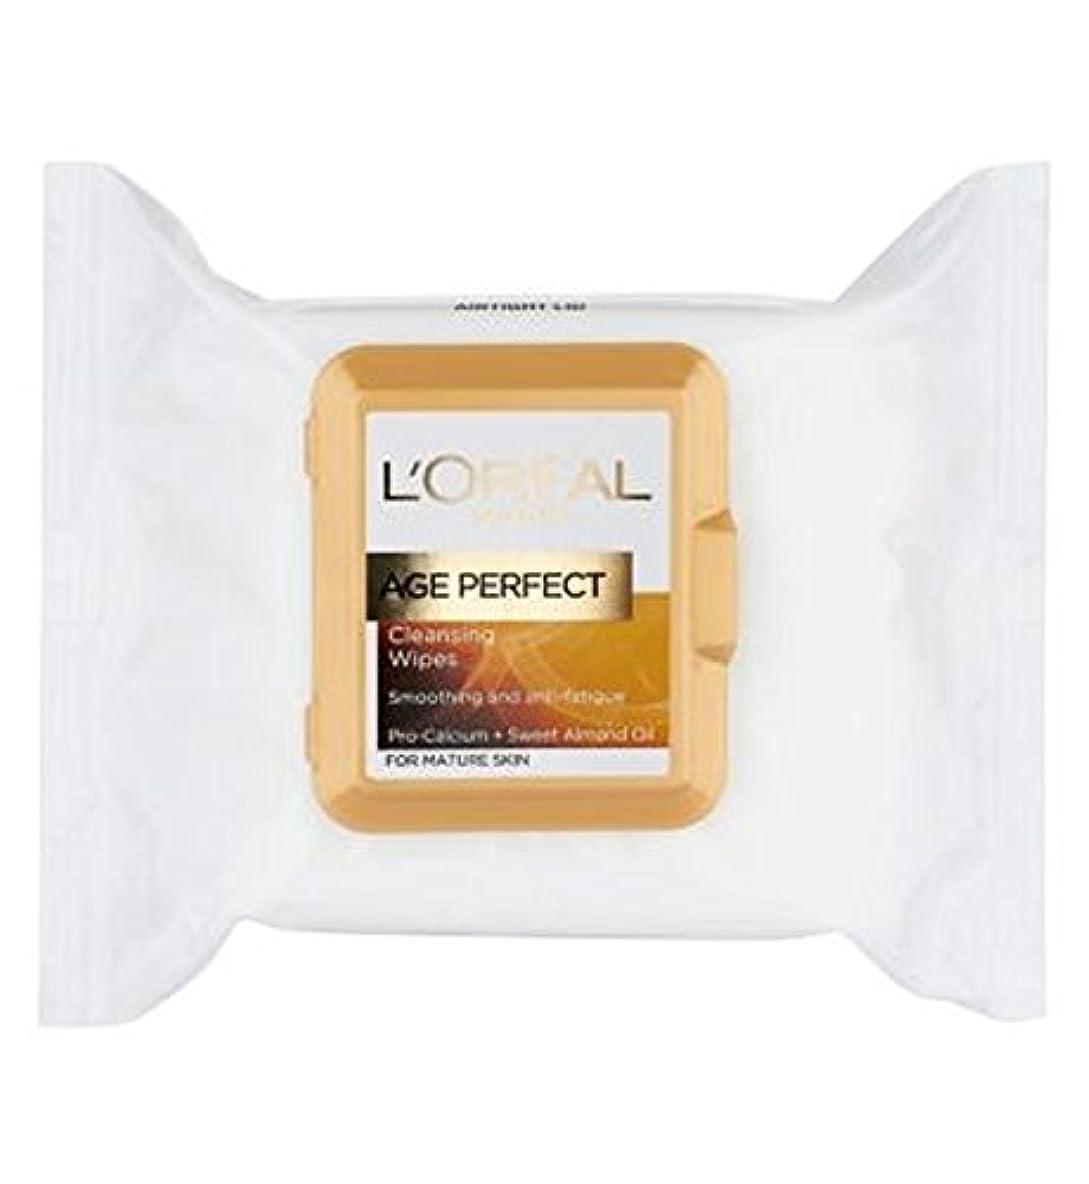 アームストロングファウルユーモラスL'Oreall Dermo-Expertise Age Smoothing Perfect Cleansing Wipes For Mature Skin 25s - 完璧なクレンジングを平滑L'Oreall真皮専門知識...